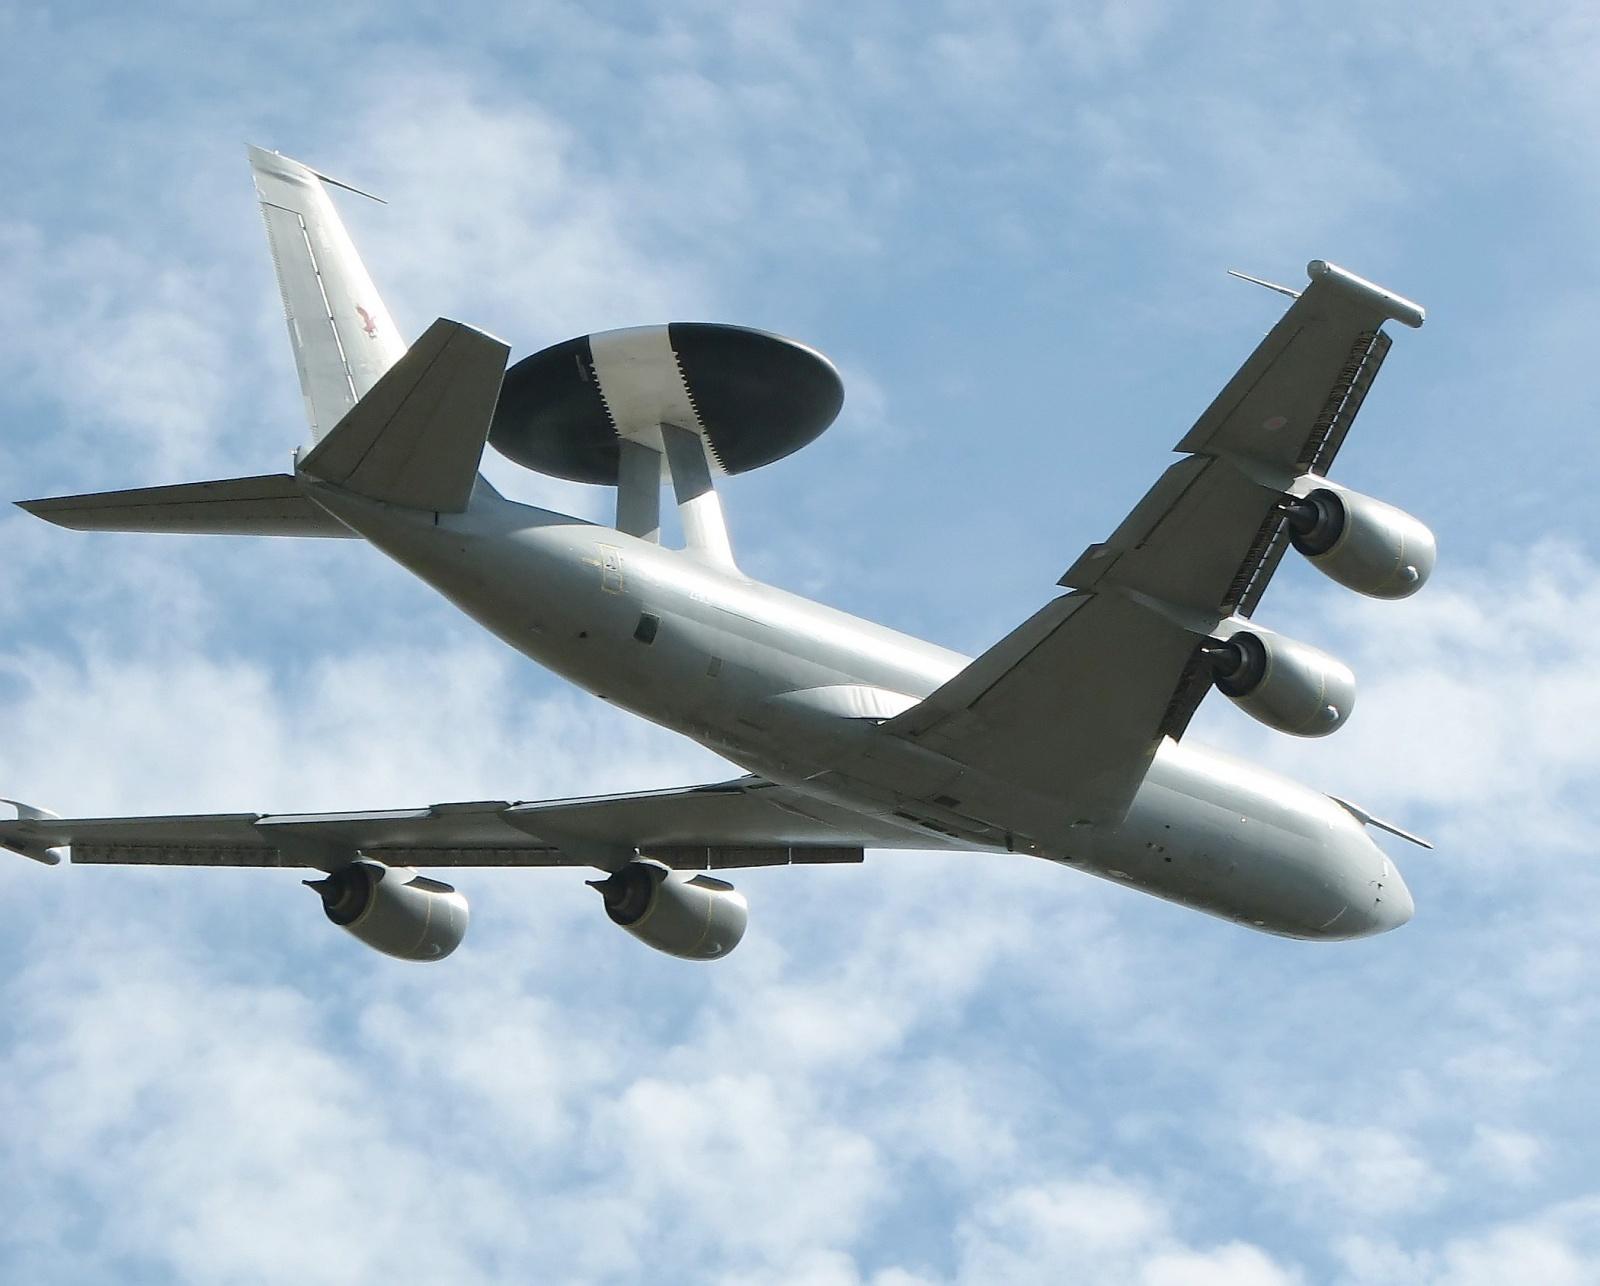 В новых компьютерах самолетов-радаров E-3G ВВС США нашли уязвимости - 1